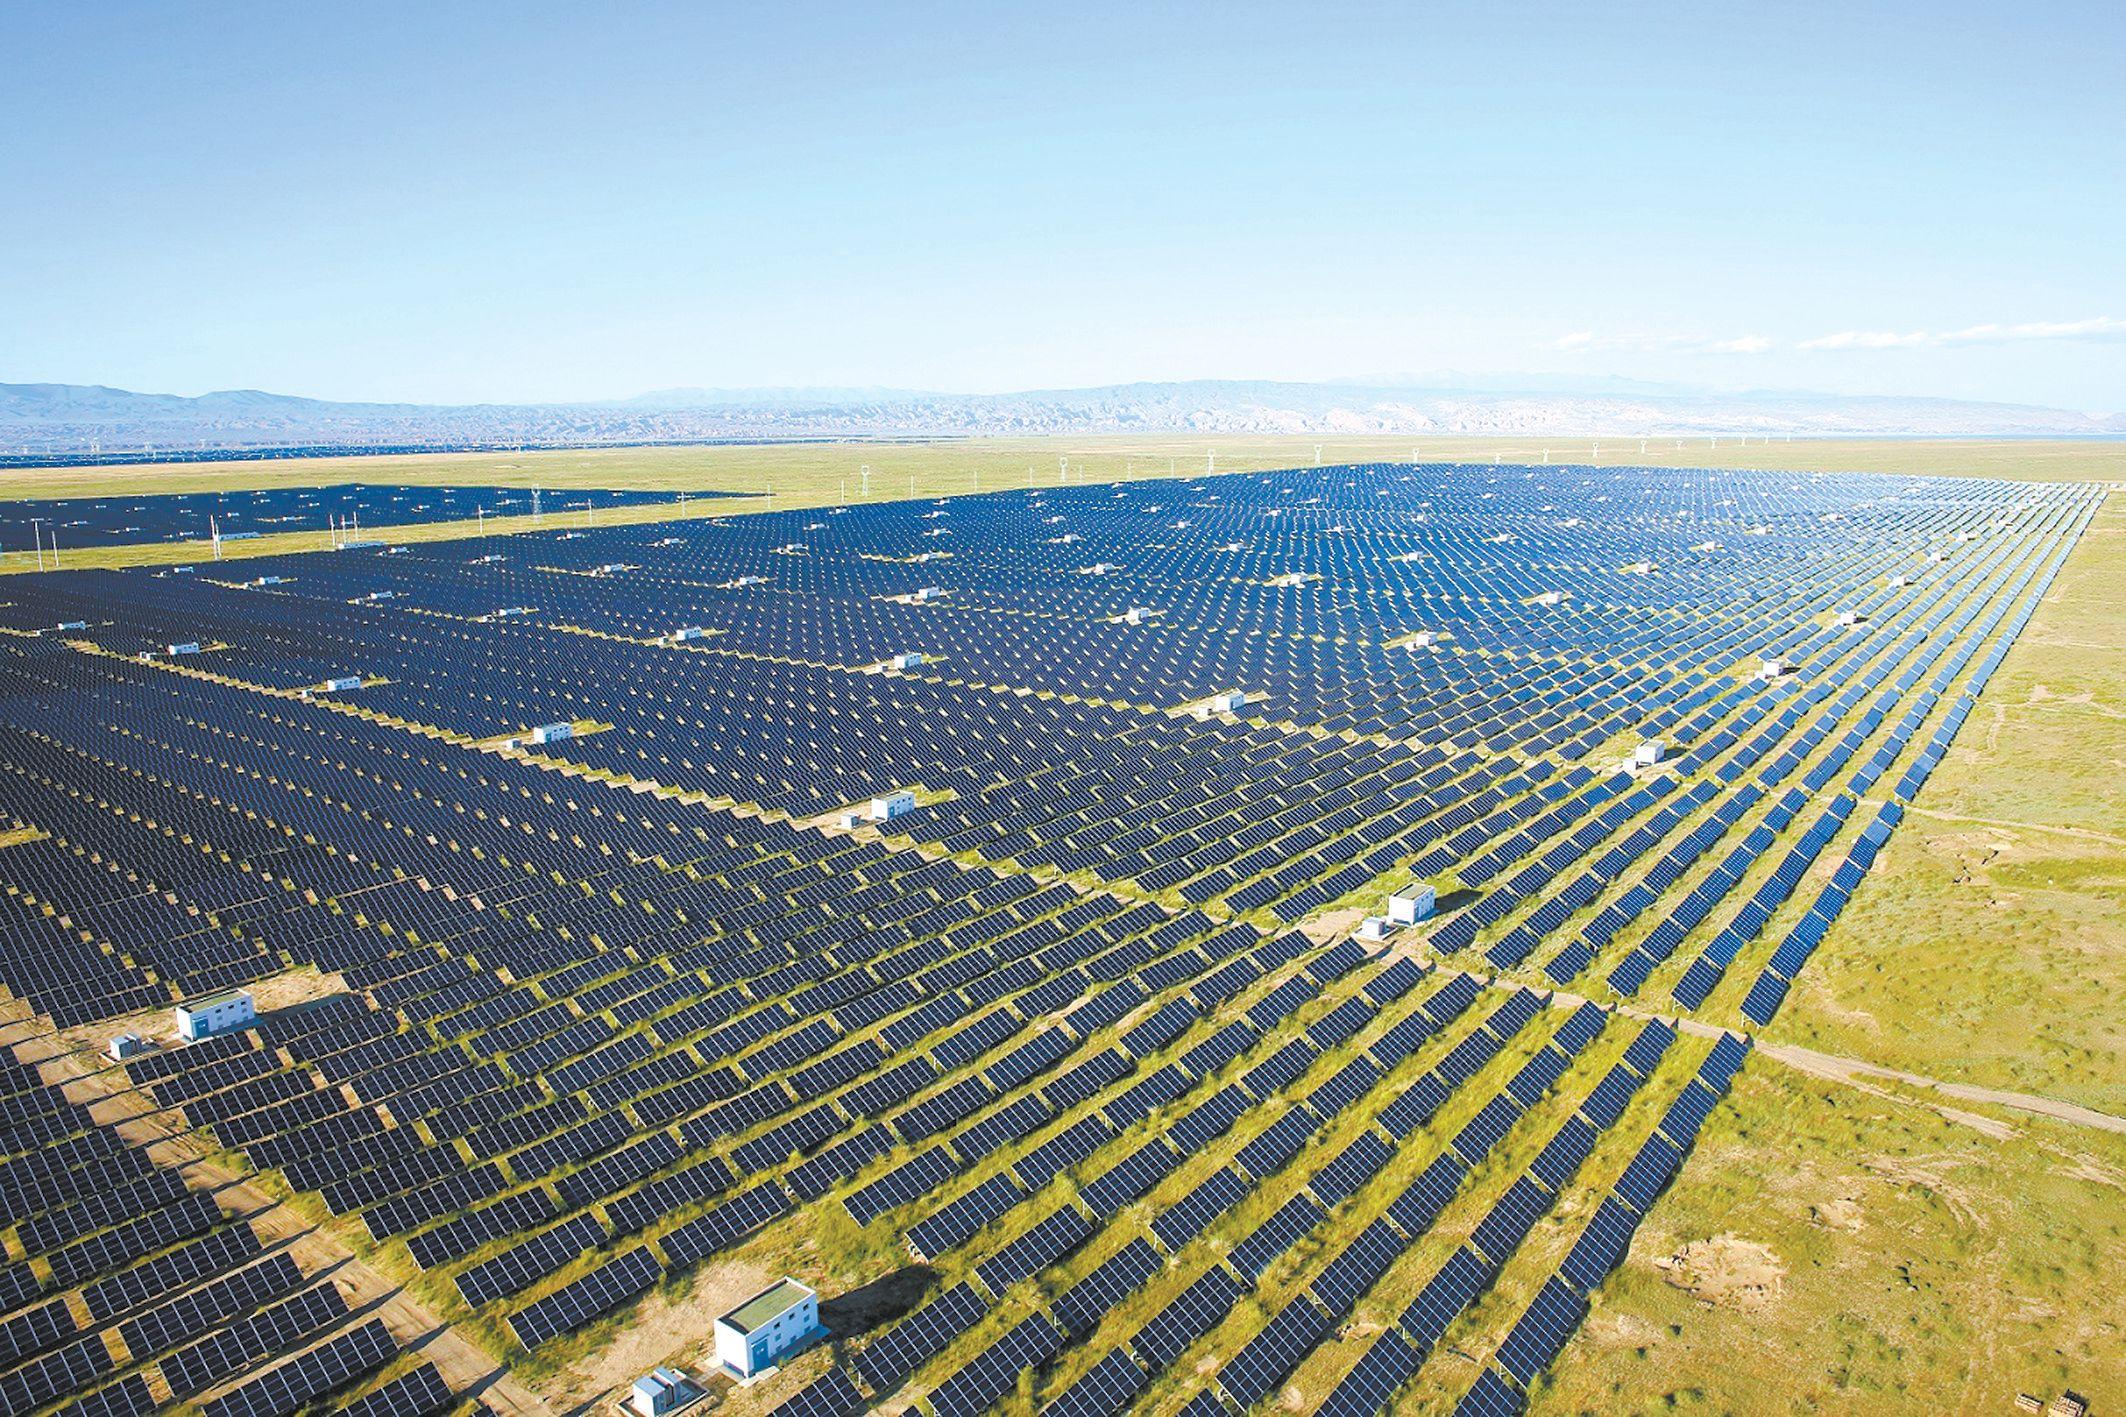 北京市通州区积极推进符合政策分布式光伏发电项目